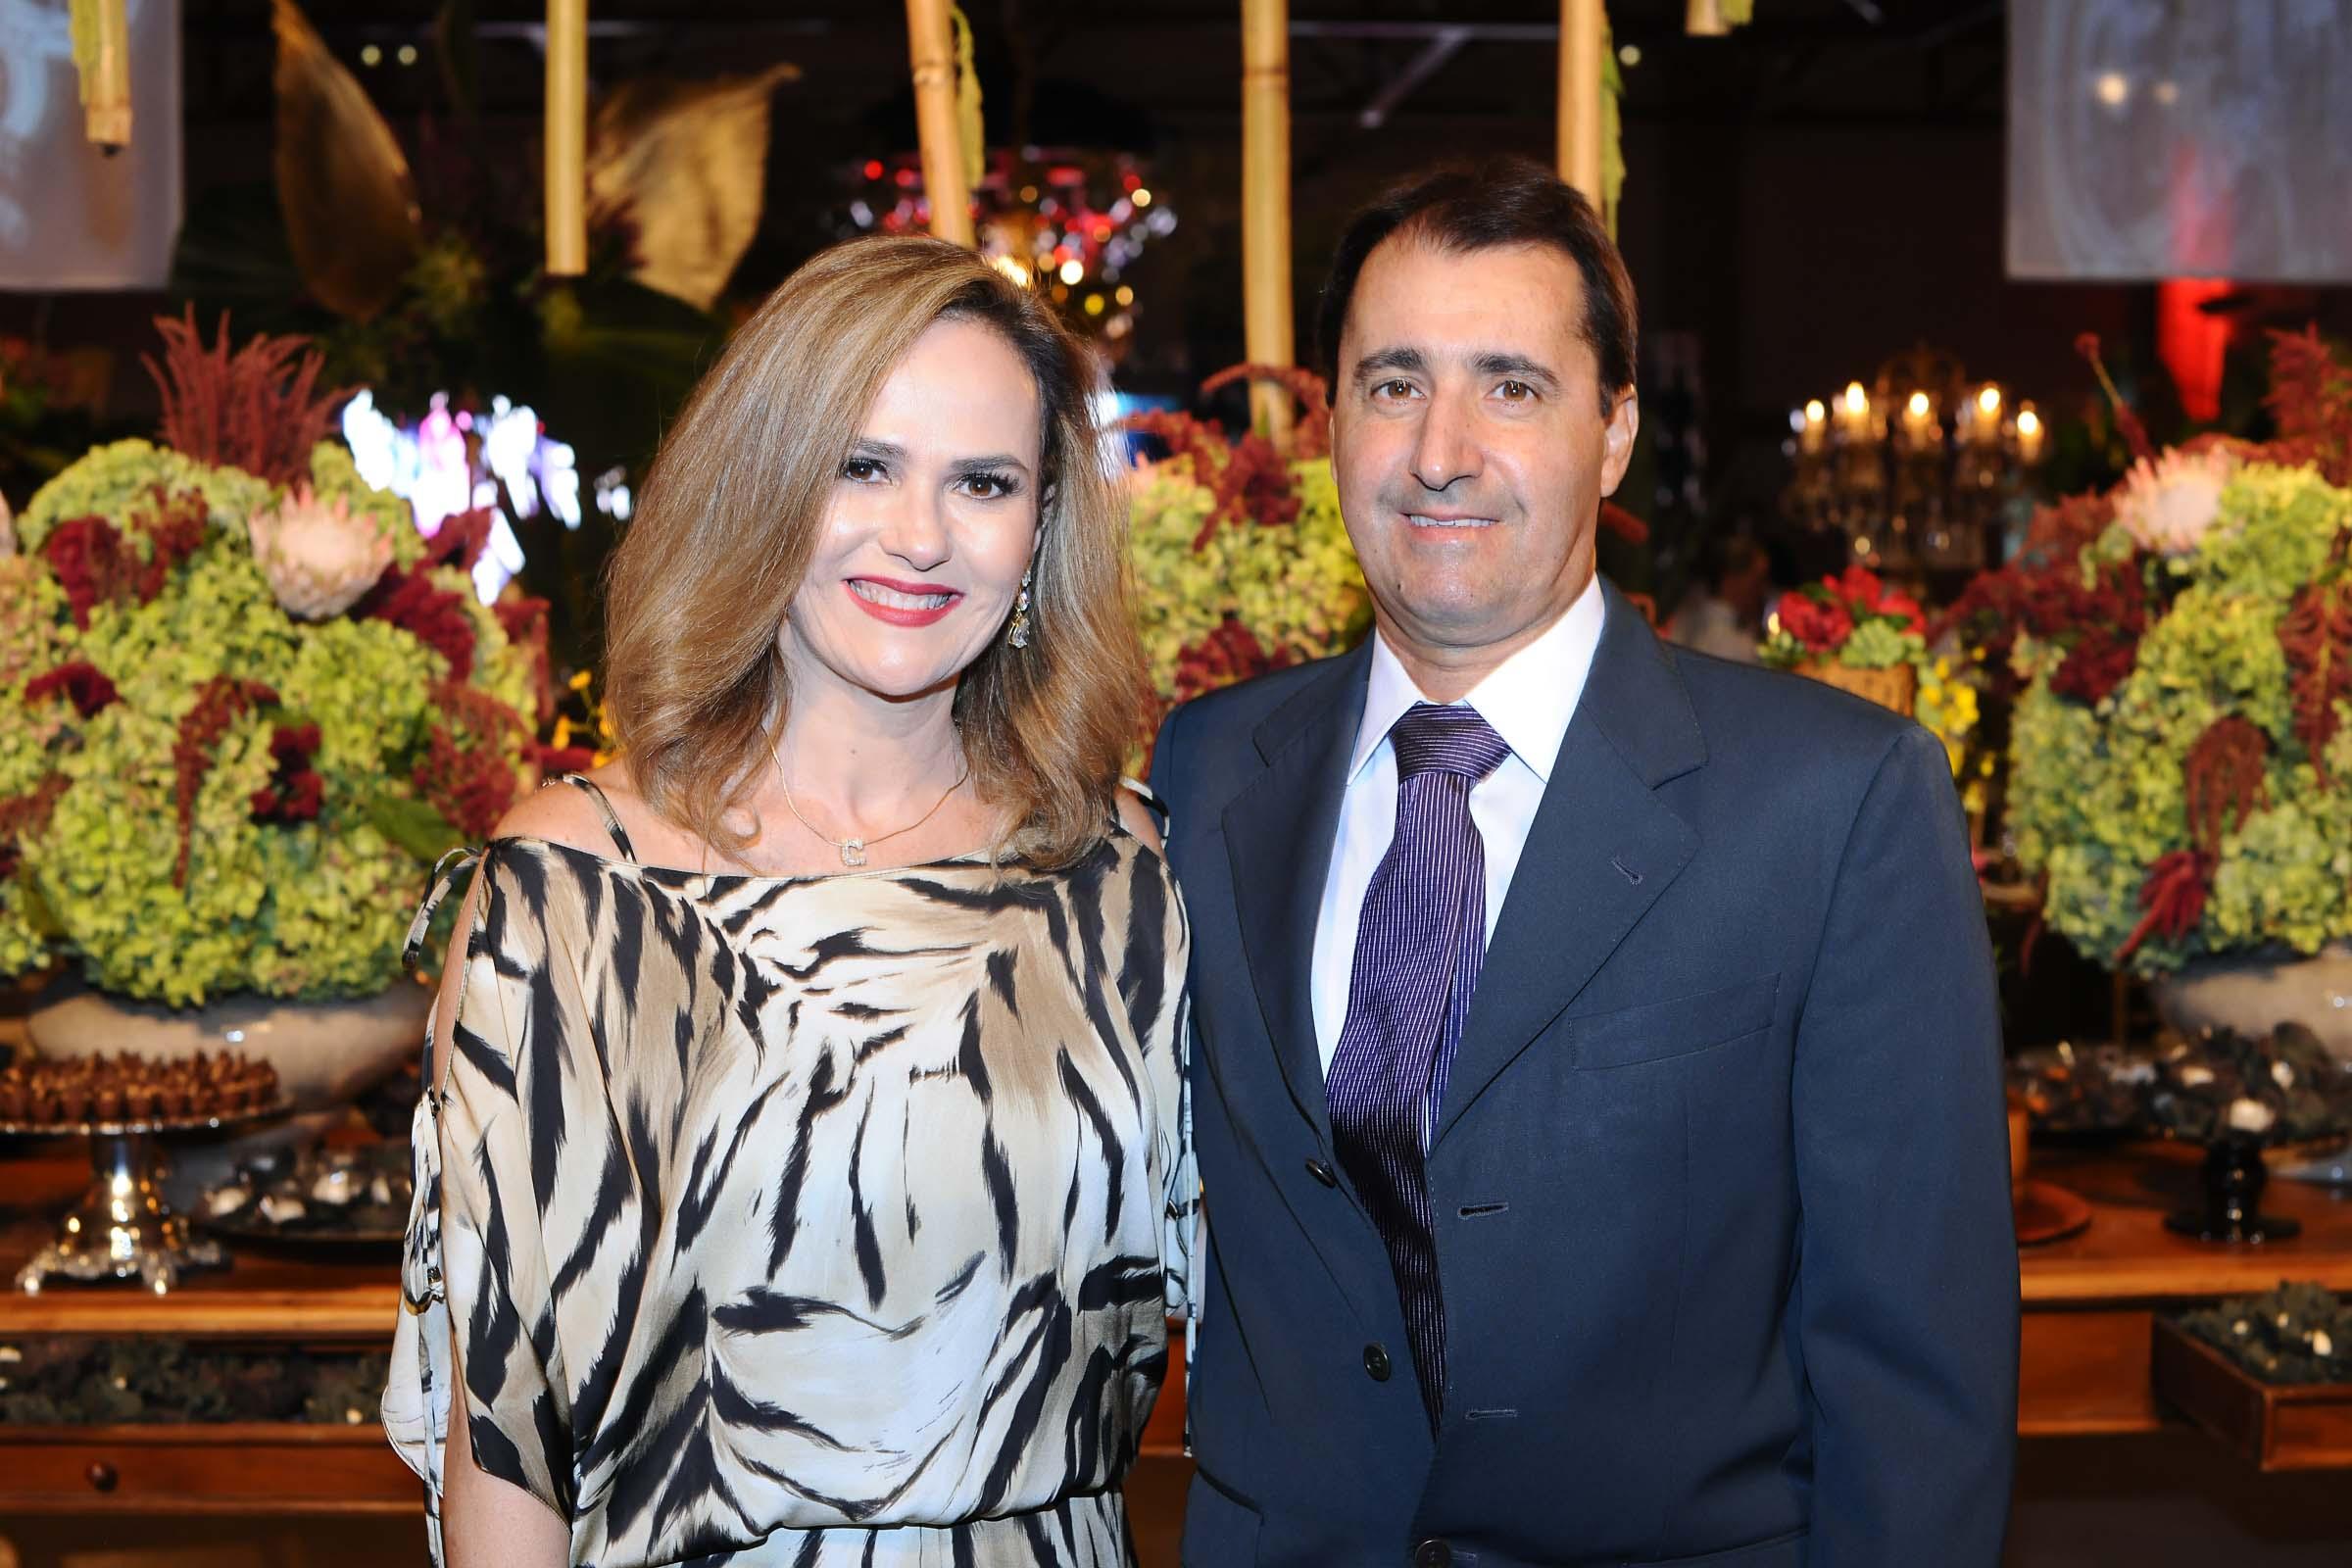 Em noite de festança, o casal Ana Cristina Martins e Luiz de Oliveira